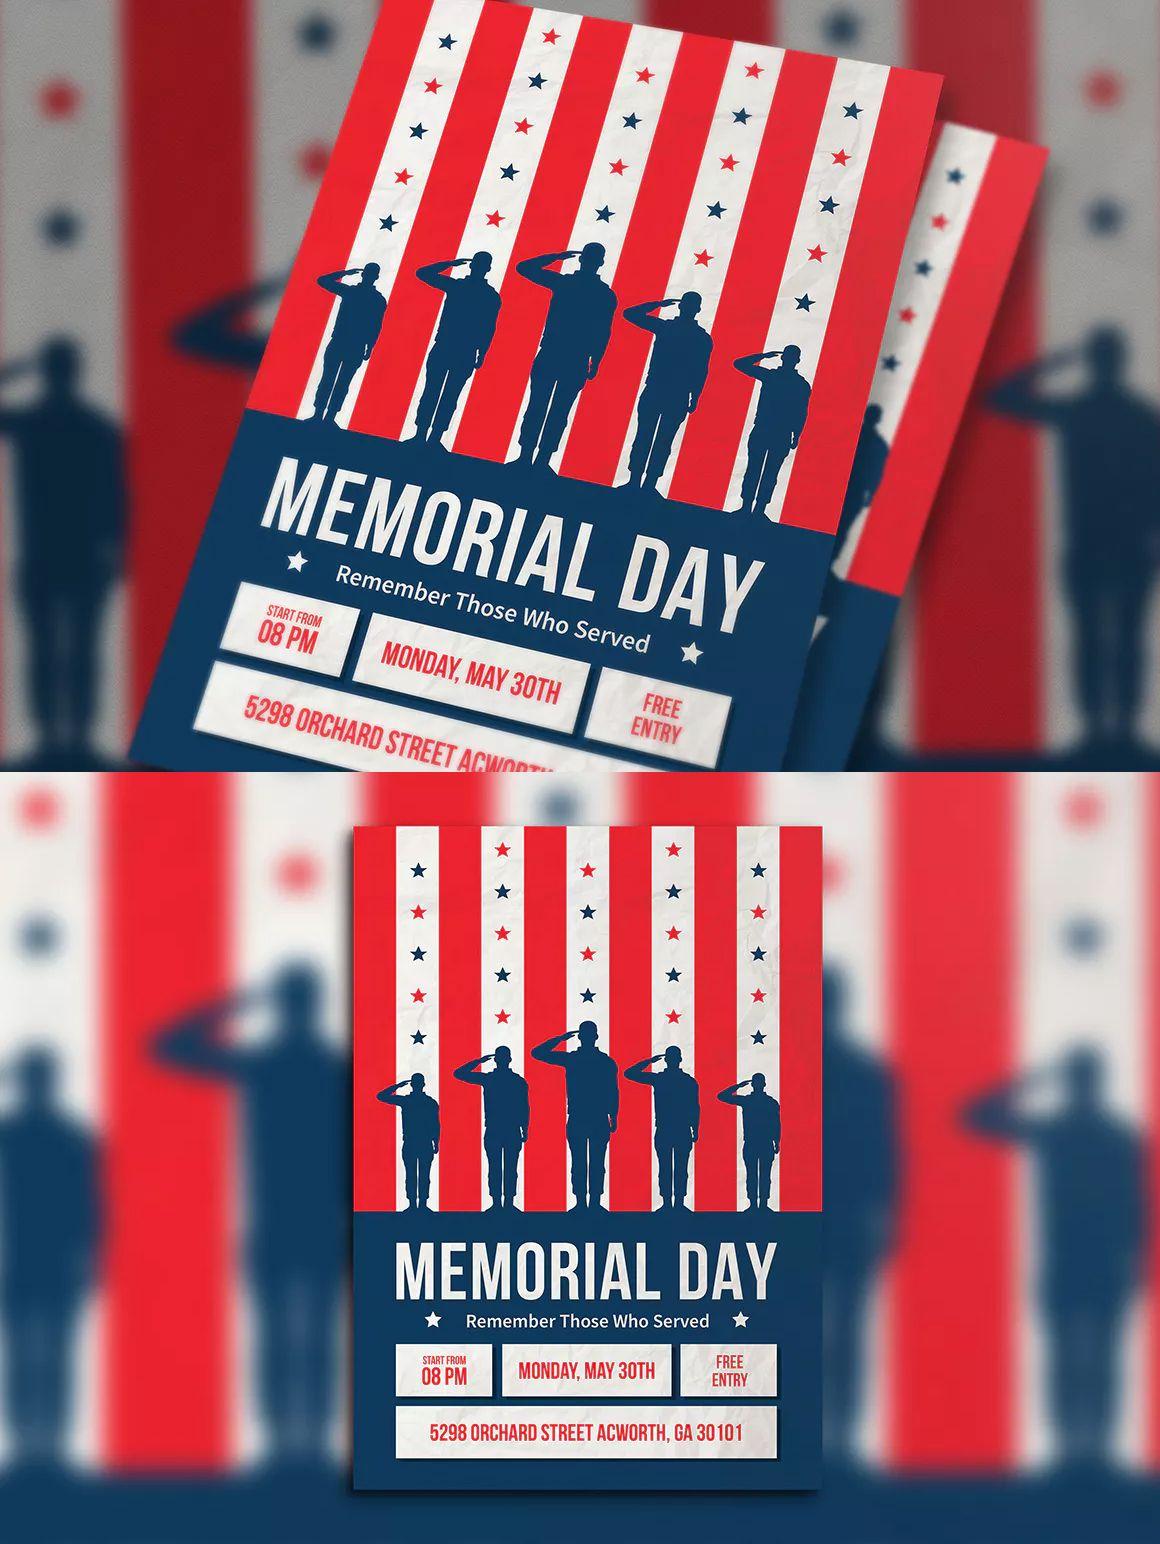 memorial day flyer template ai psd a4 unlimiteddownloads